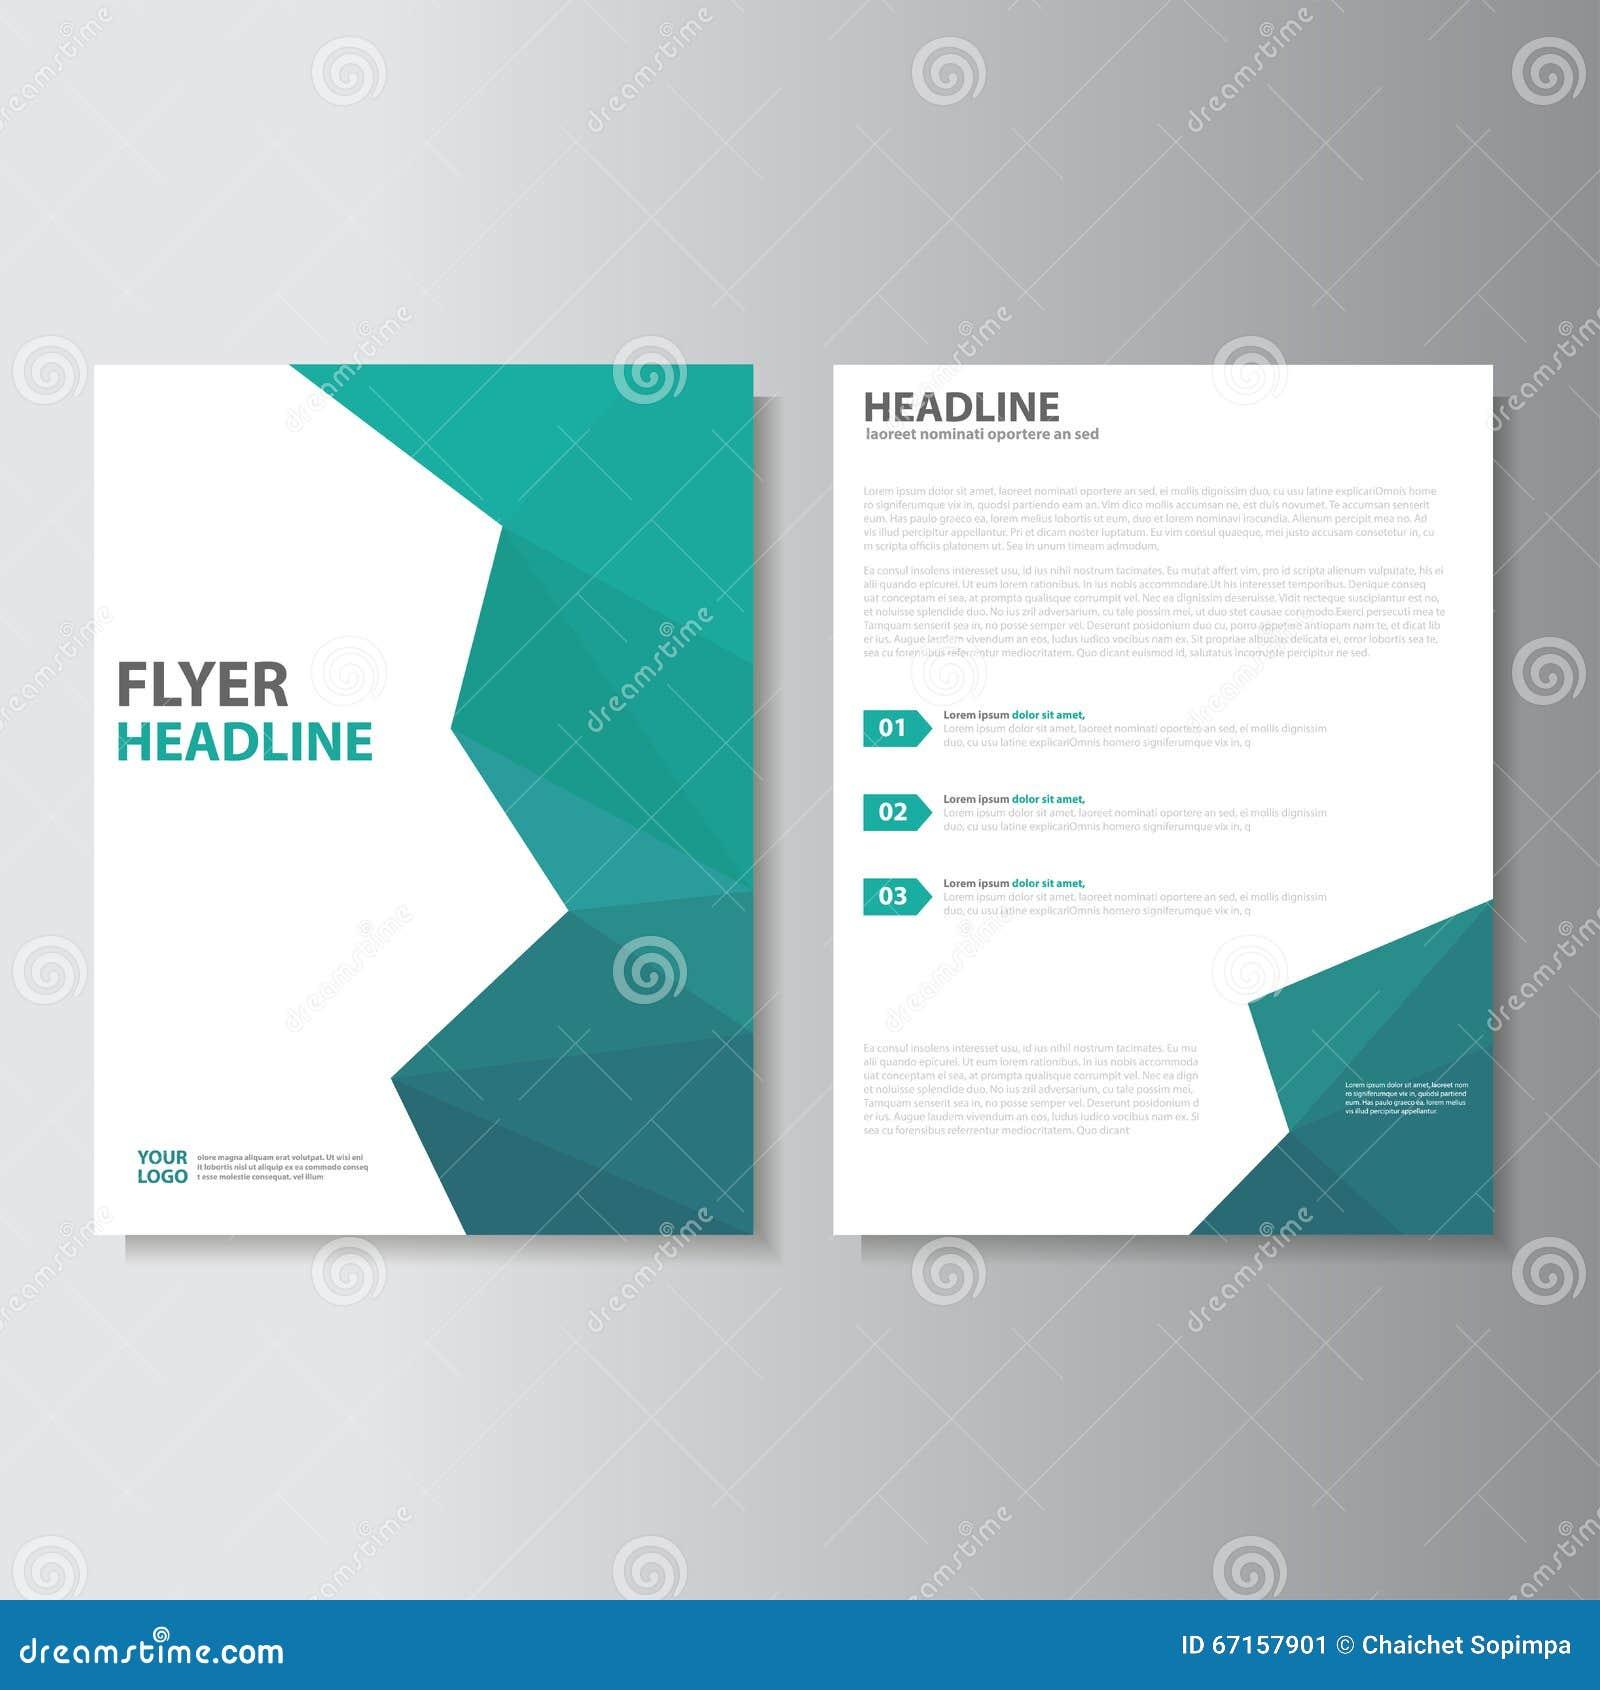 Diseño del tamaño de la plantilla a4 del aviador del folleto del prospecto del vector, diseño de la disposición de la cubierta de